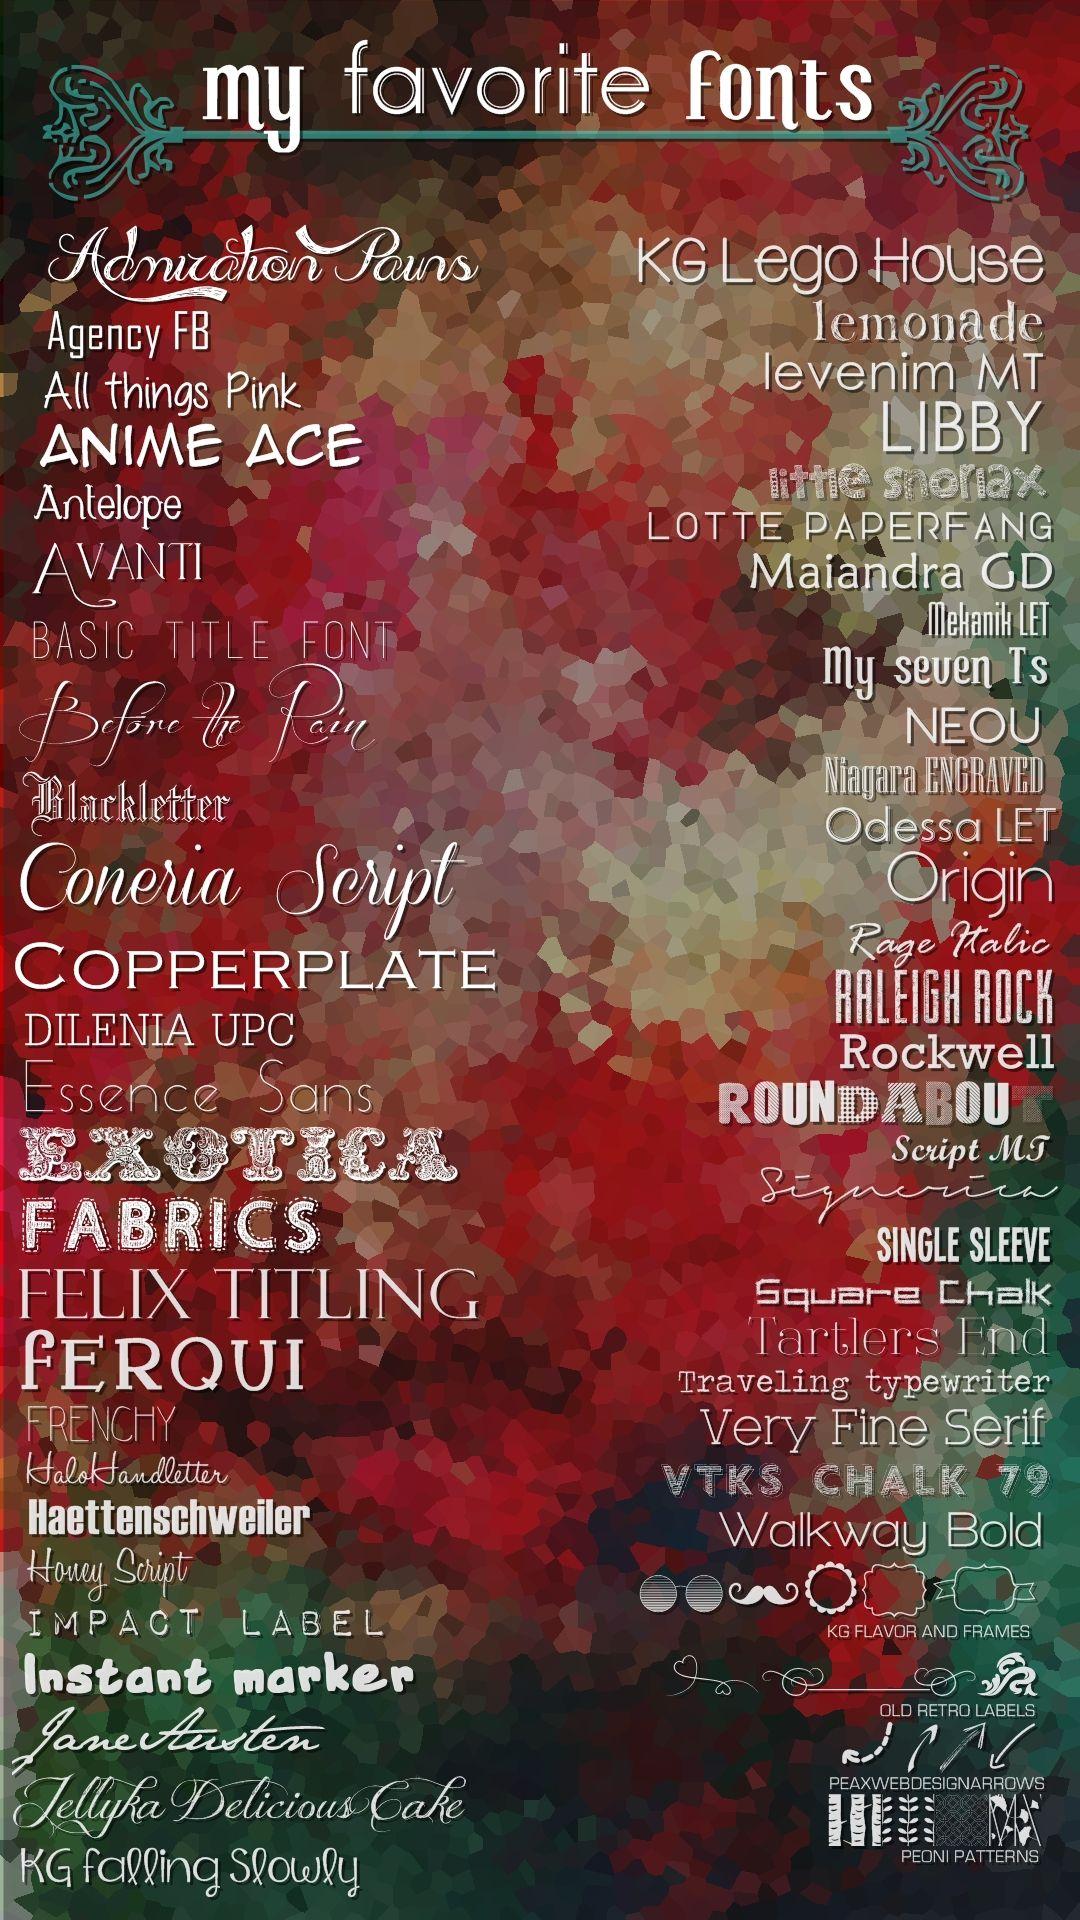 My favorite fonts Funky fonts, Favorite fonts, Divine design